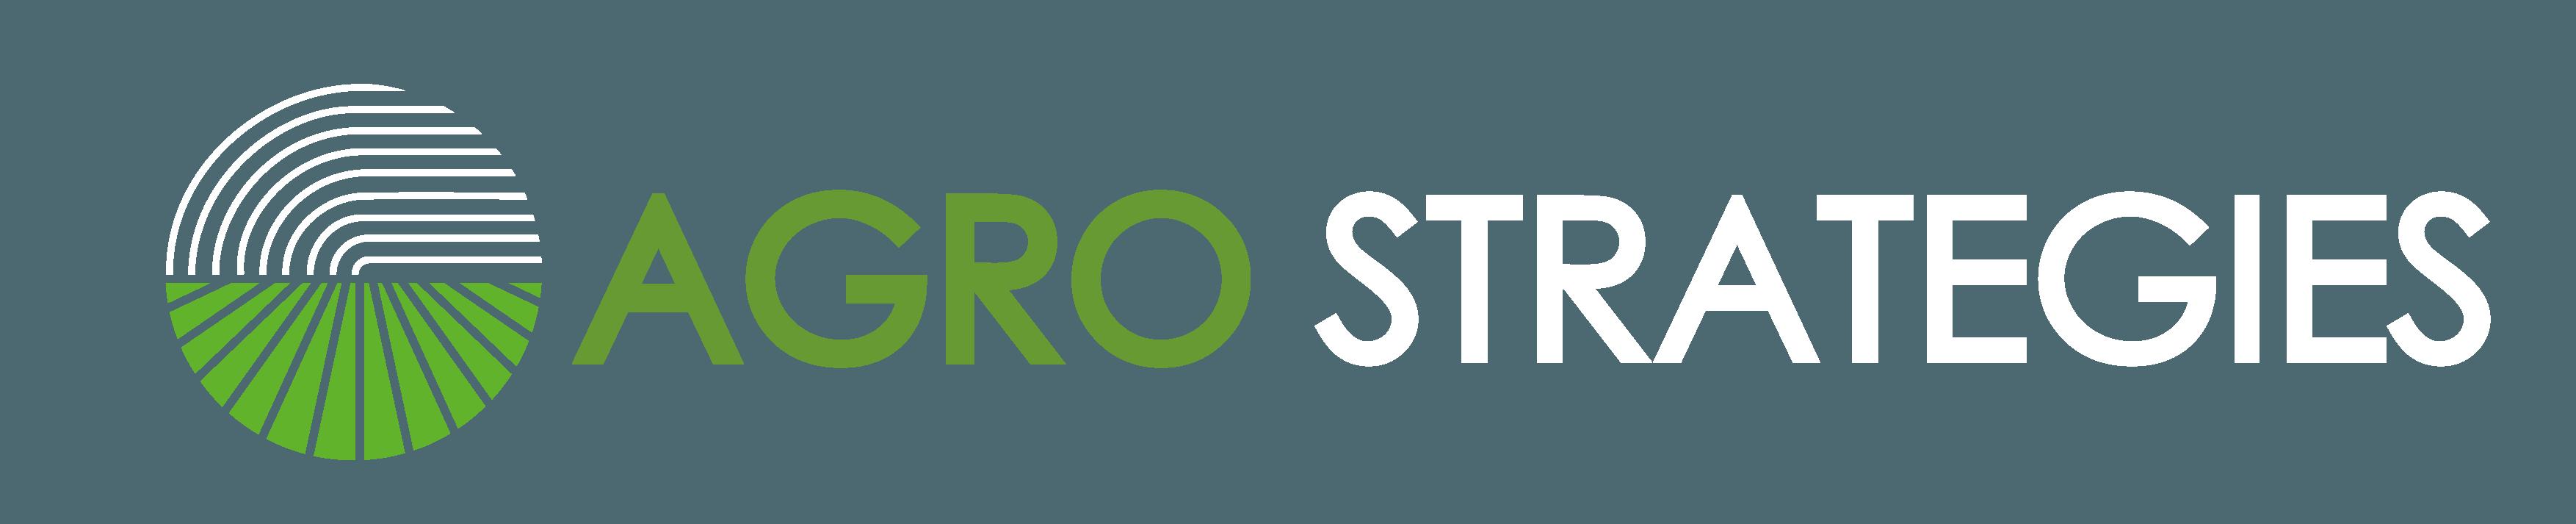 Agro-Sur Logo photo - 1